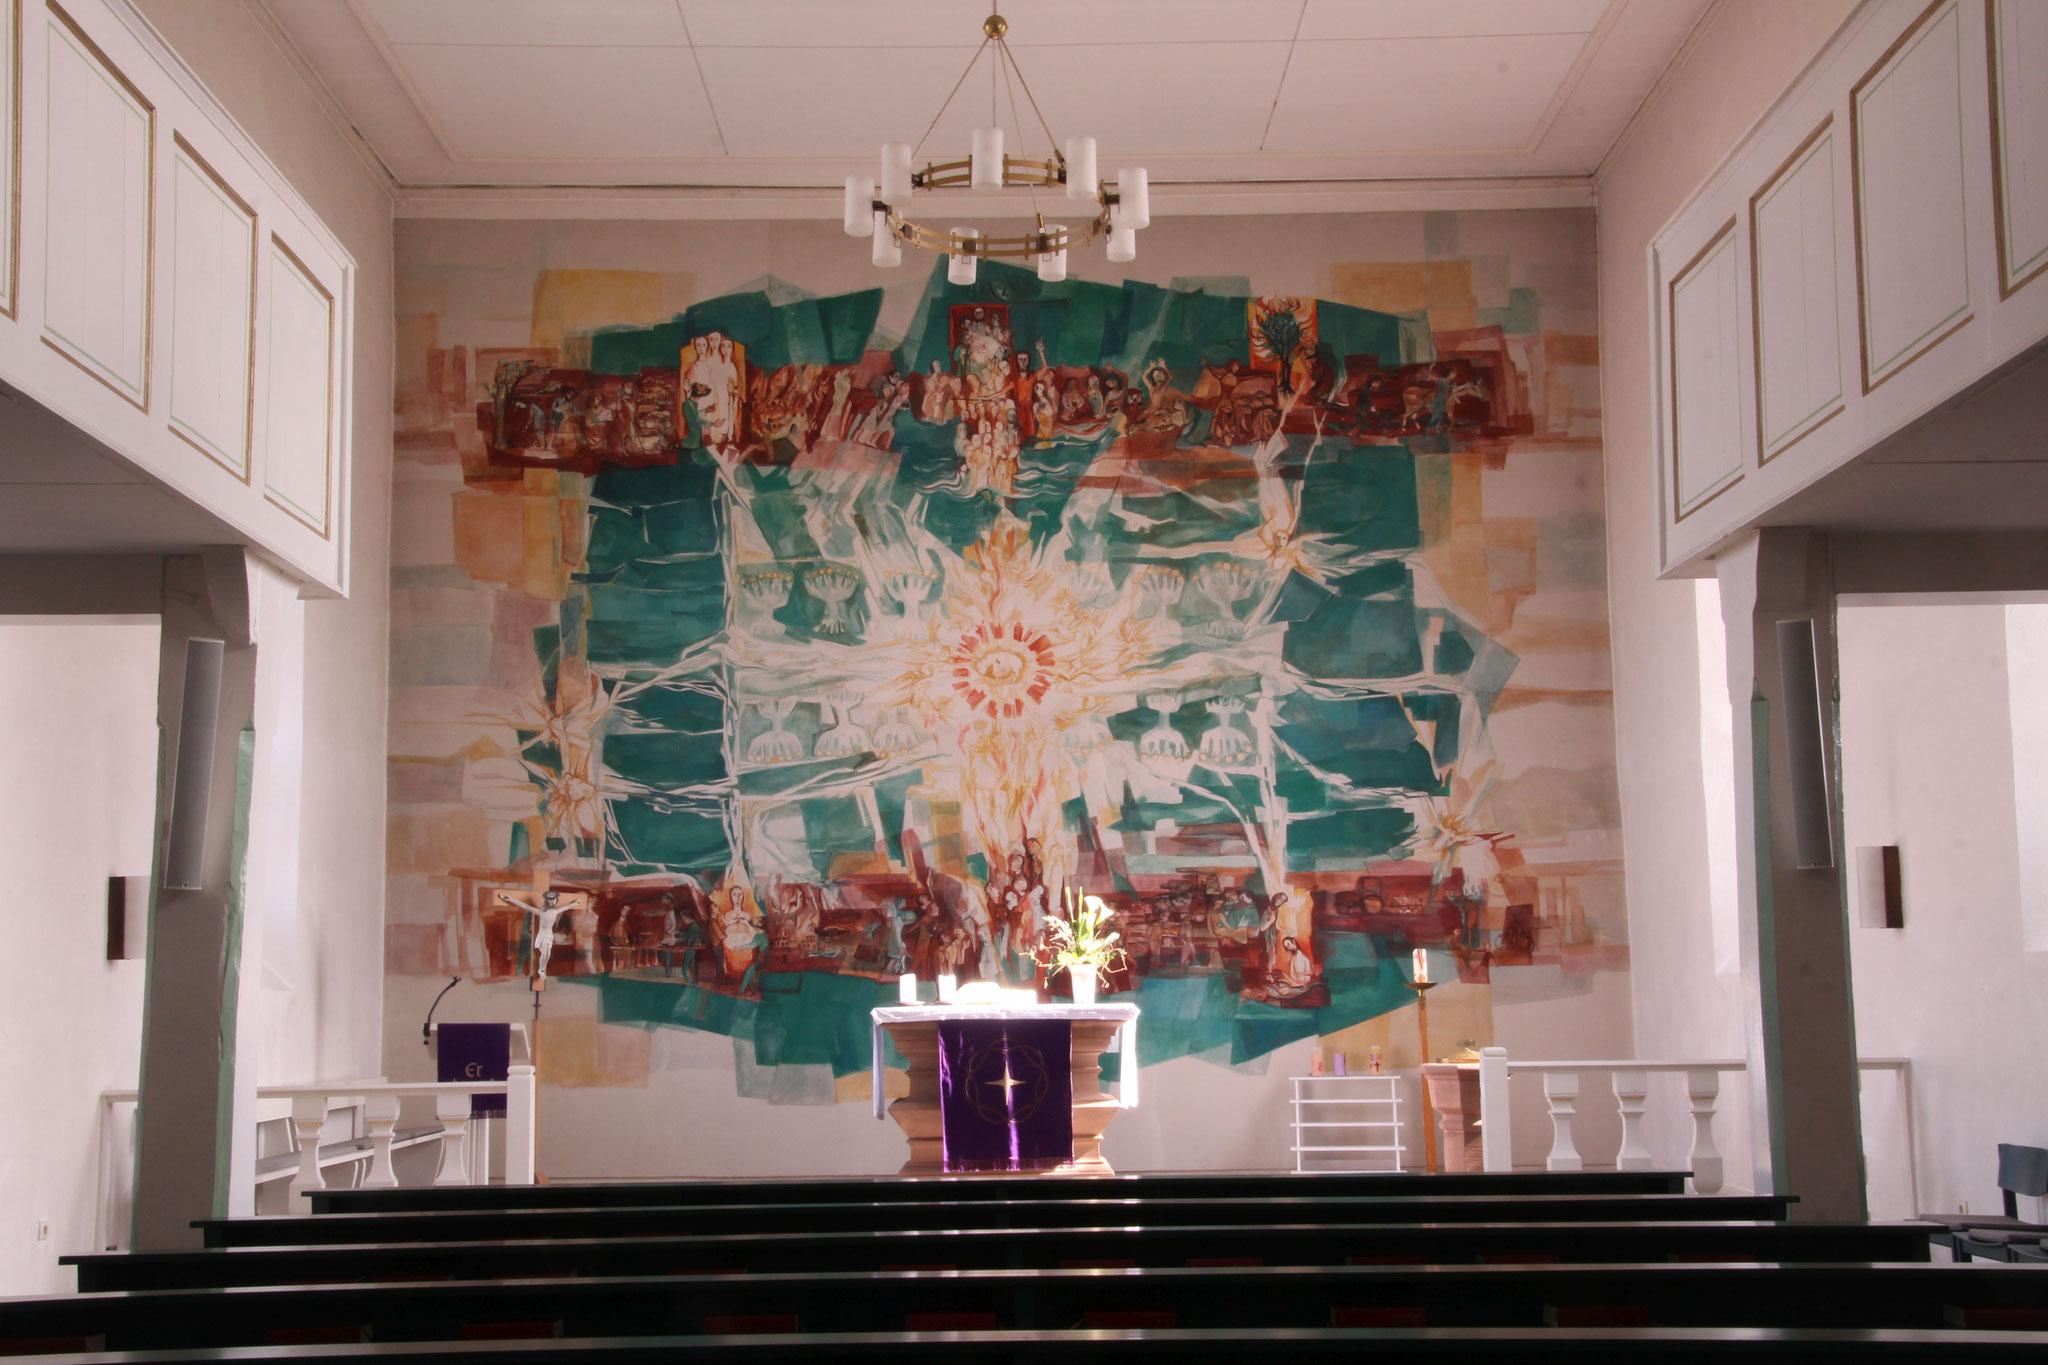 Wandgemälde v. E. Klonk in der Pfarrkirche Elnhausen   Bildquelle: GR Second Life bei Wikipedia